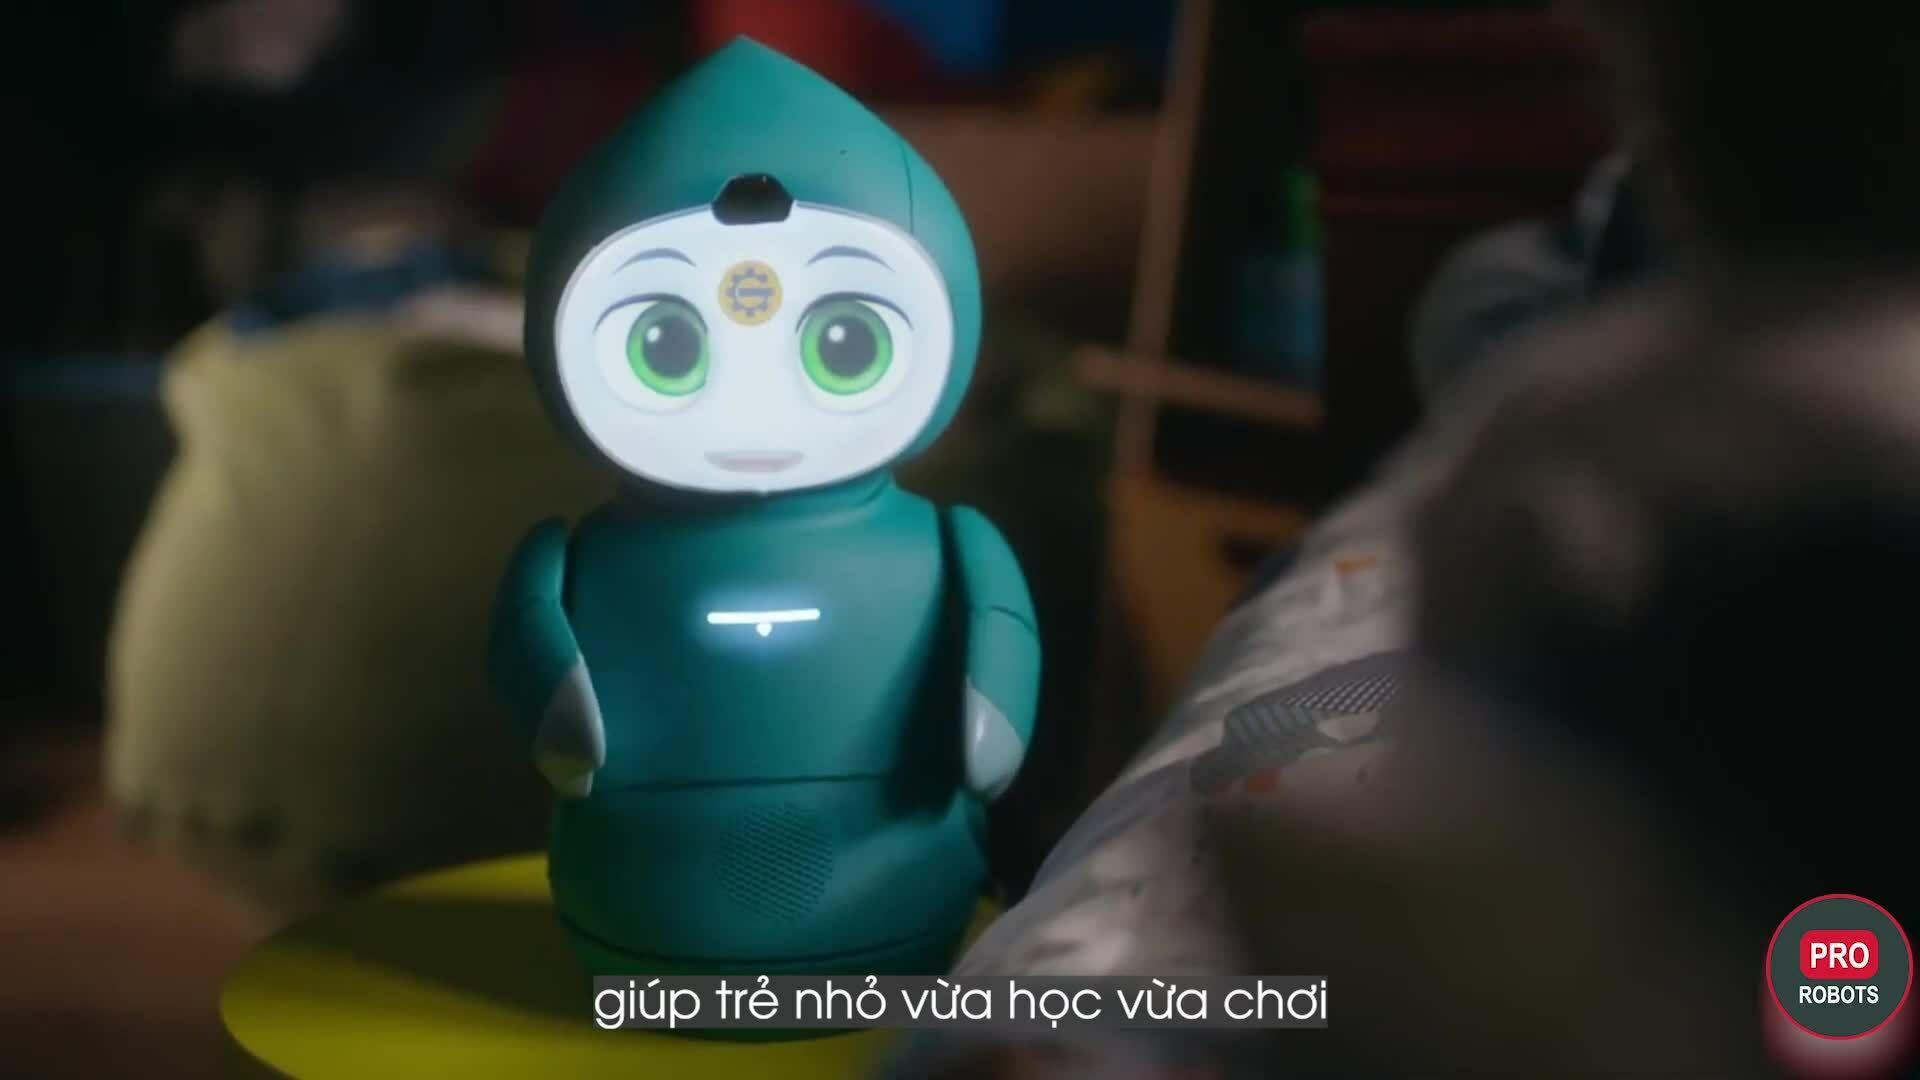 Những robot AI được giới thiệu đầu năm 2021